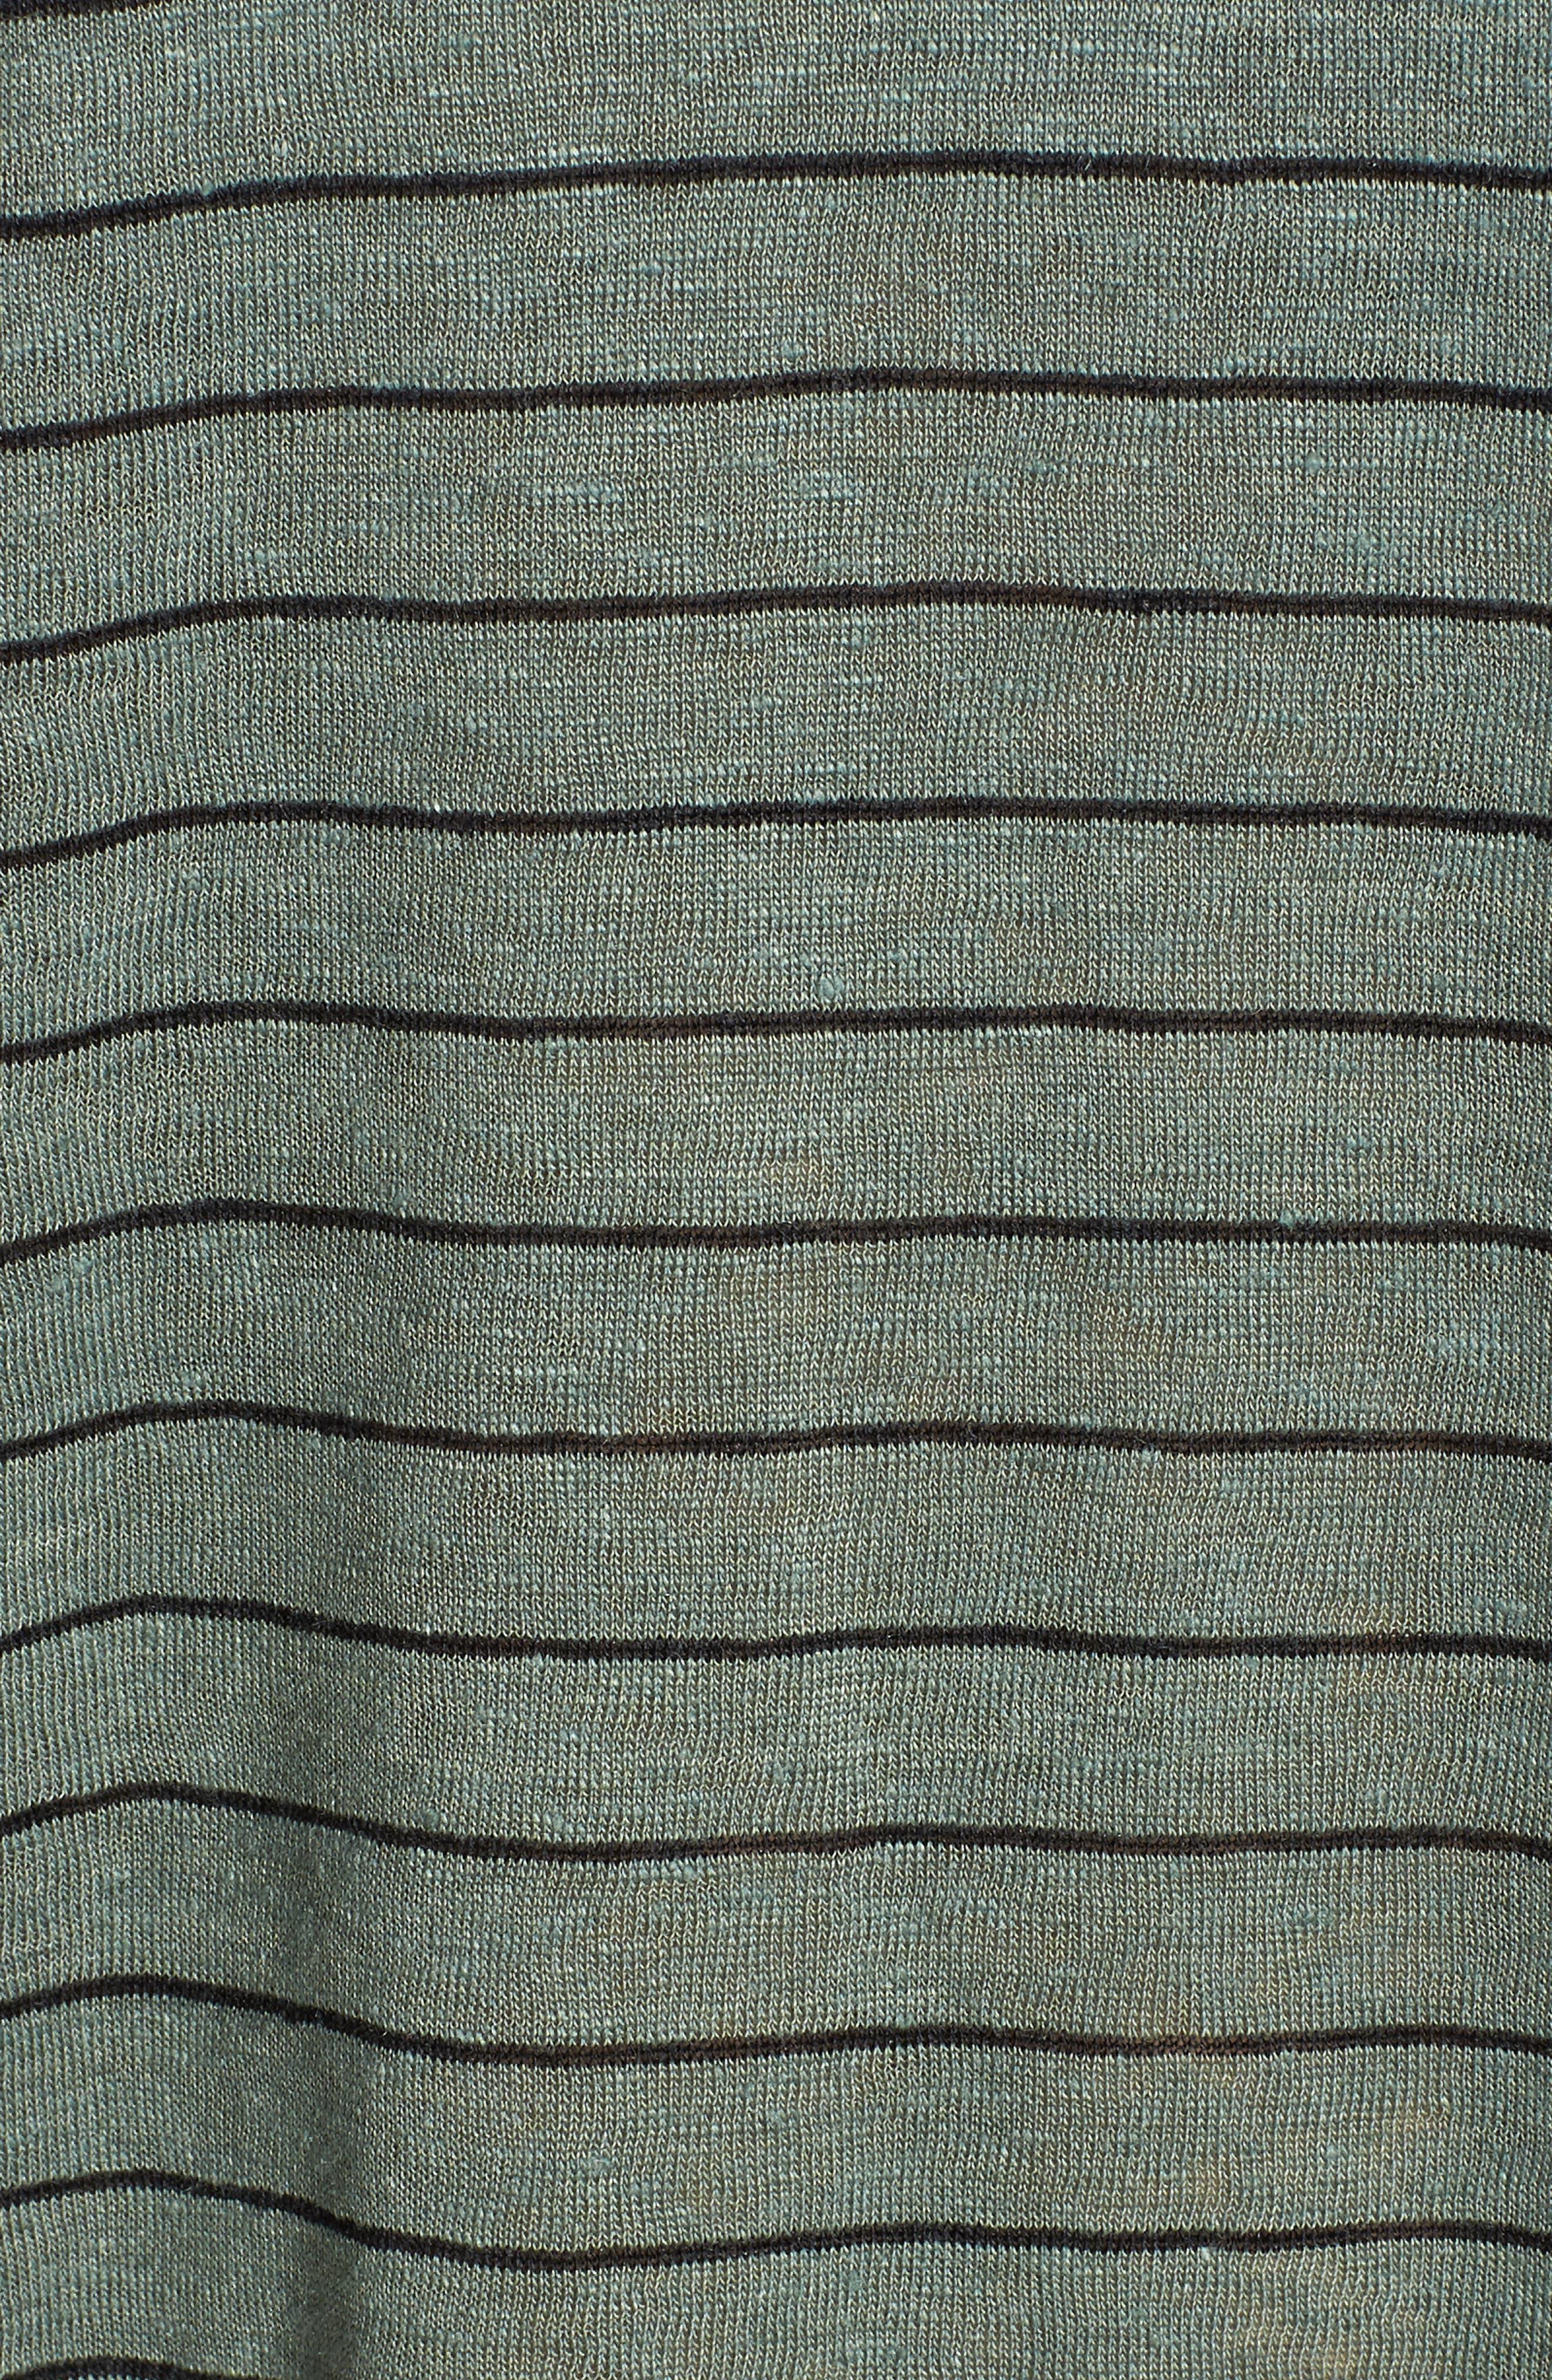 Stripe Organic Linen Shift Dress,                             Alternate thumbnail 6, color,                             Nori